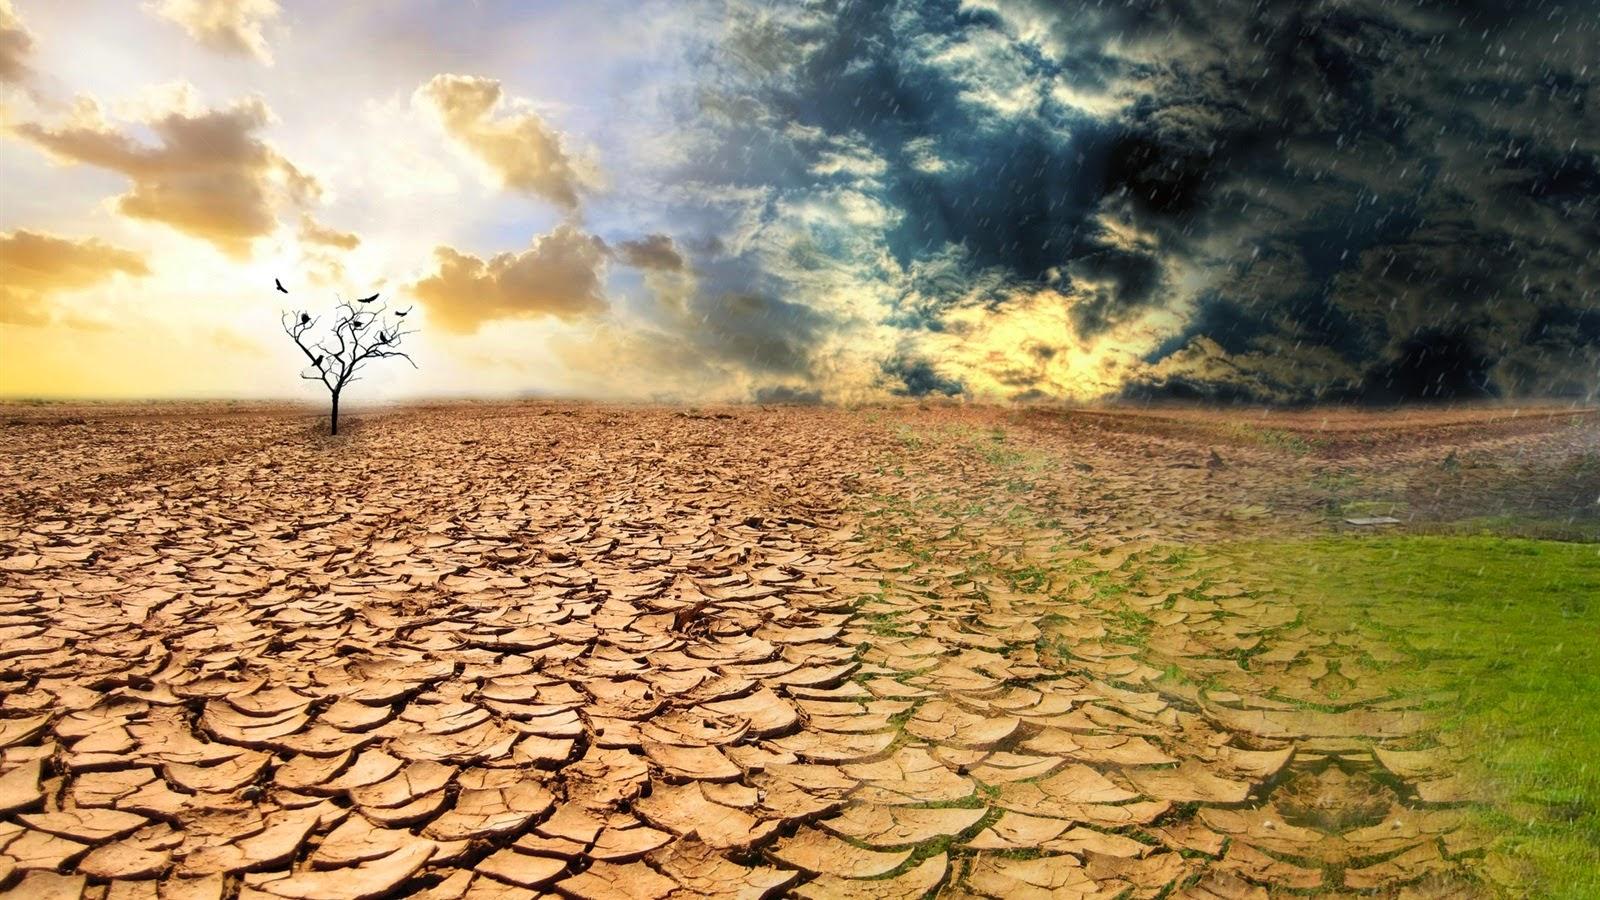 hikmah di balik kehidupan march 2015manusia diberi ujian dan cobaan yang sangat berat sebelum kedatangan dajjal langit tidak menurunkan hujan dan bumi kering kerontang sehingga tanaman tidak